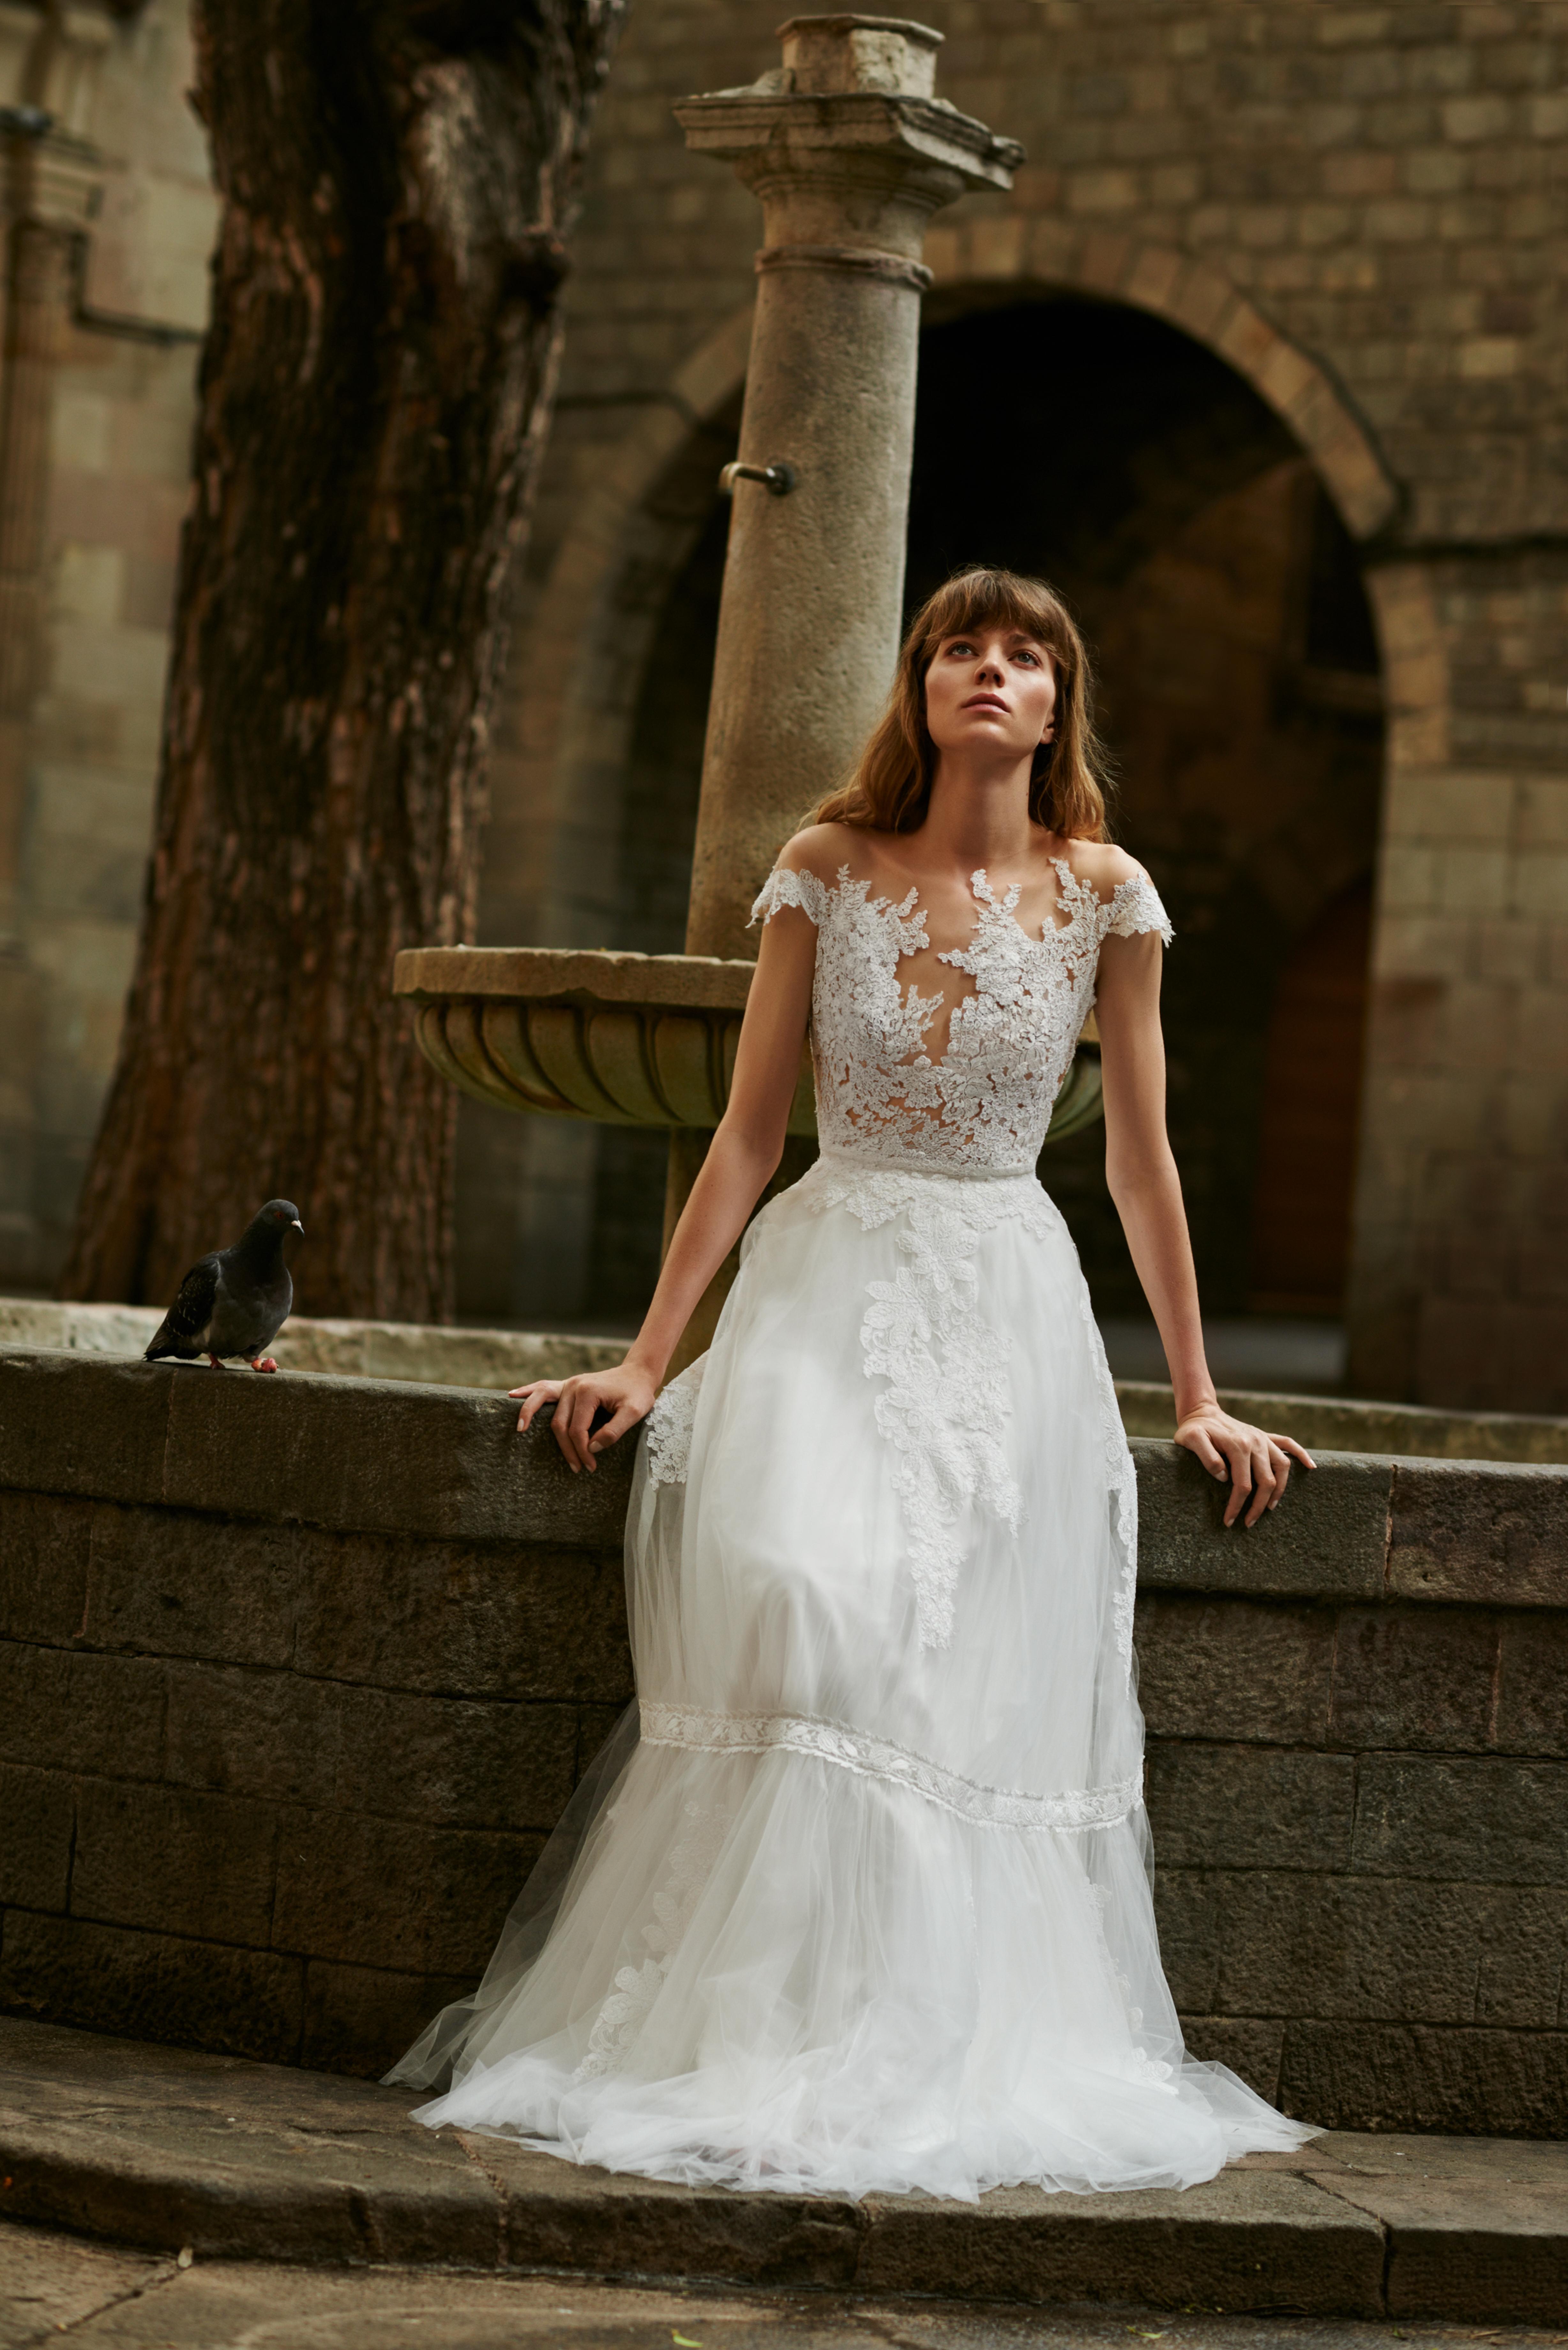 Die Brautkleider der 2018-er Kollektion von Anna Kara bei lacely!